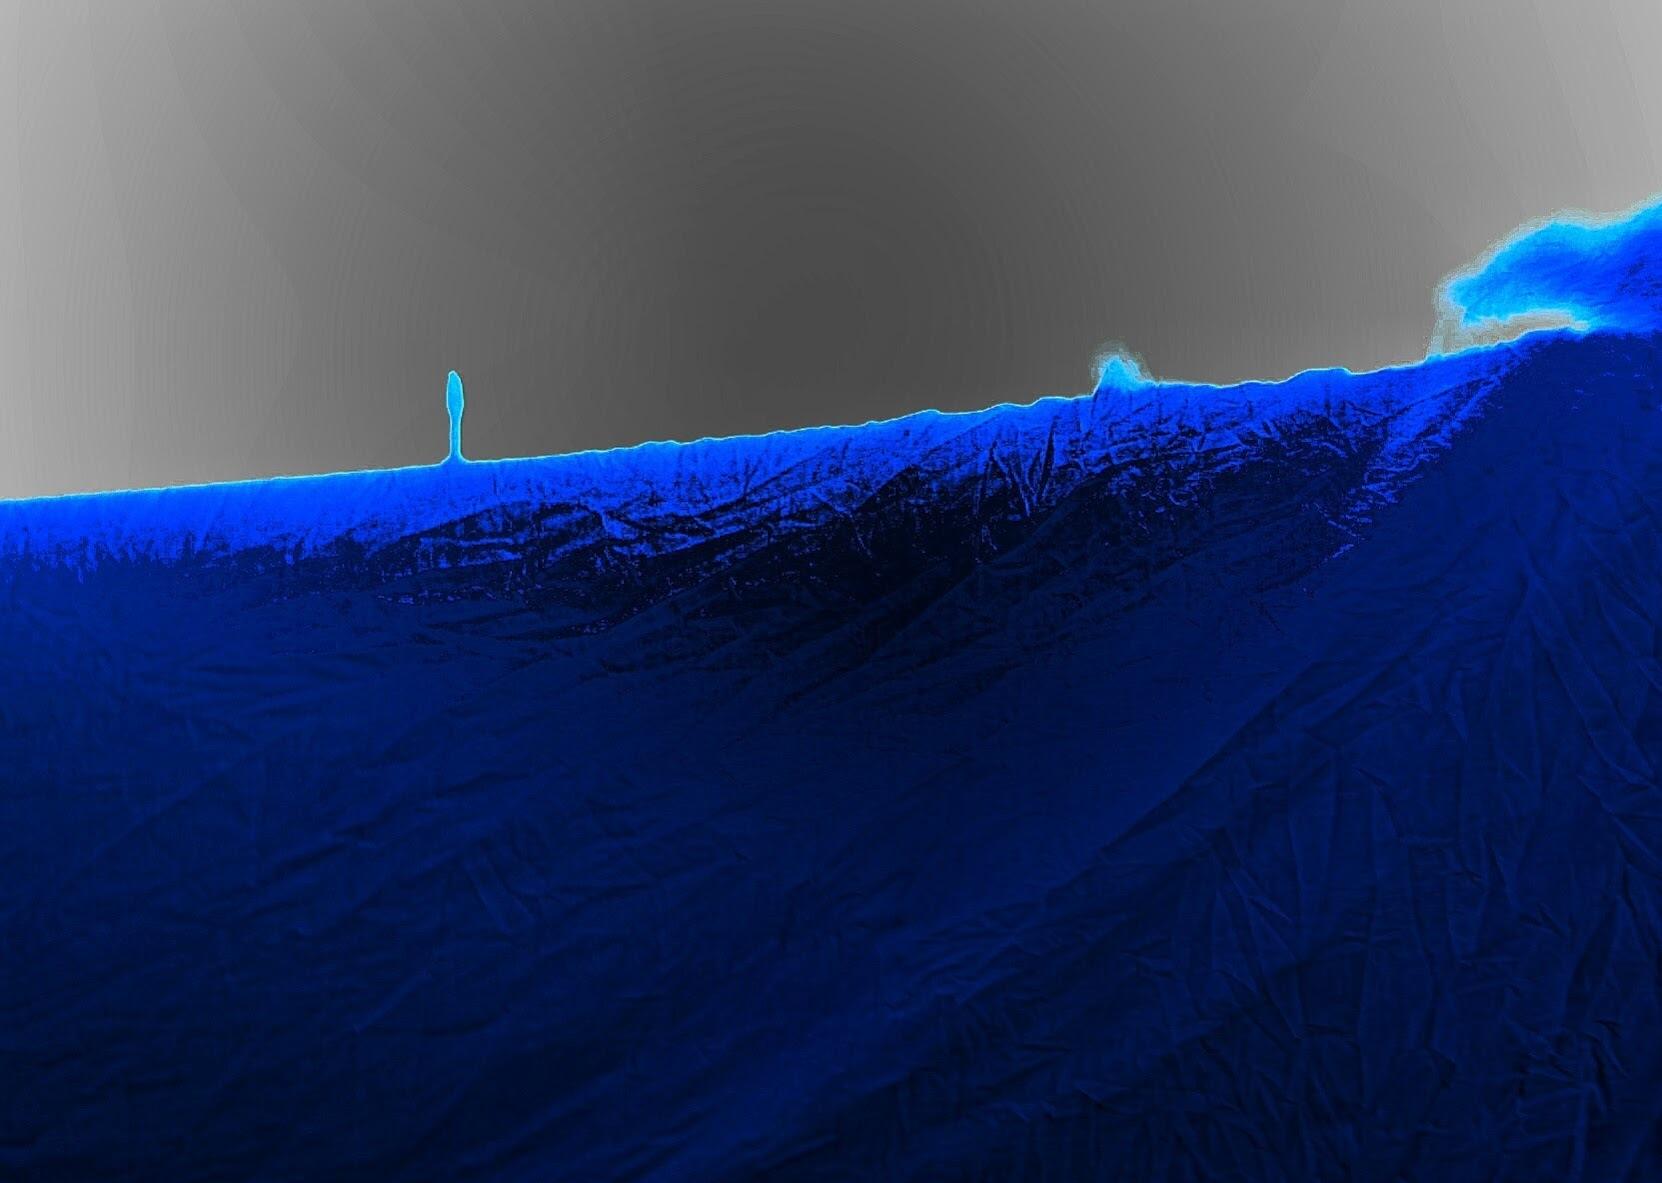 Standing on the edge. by markkutoivari